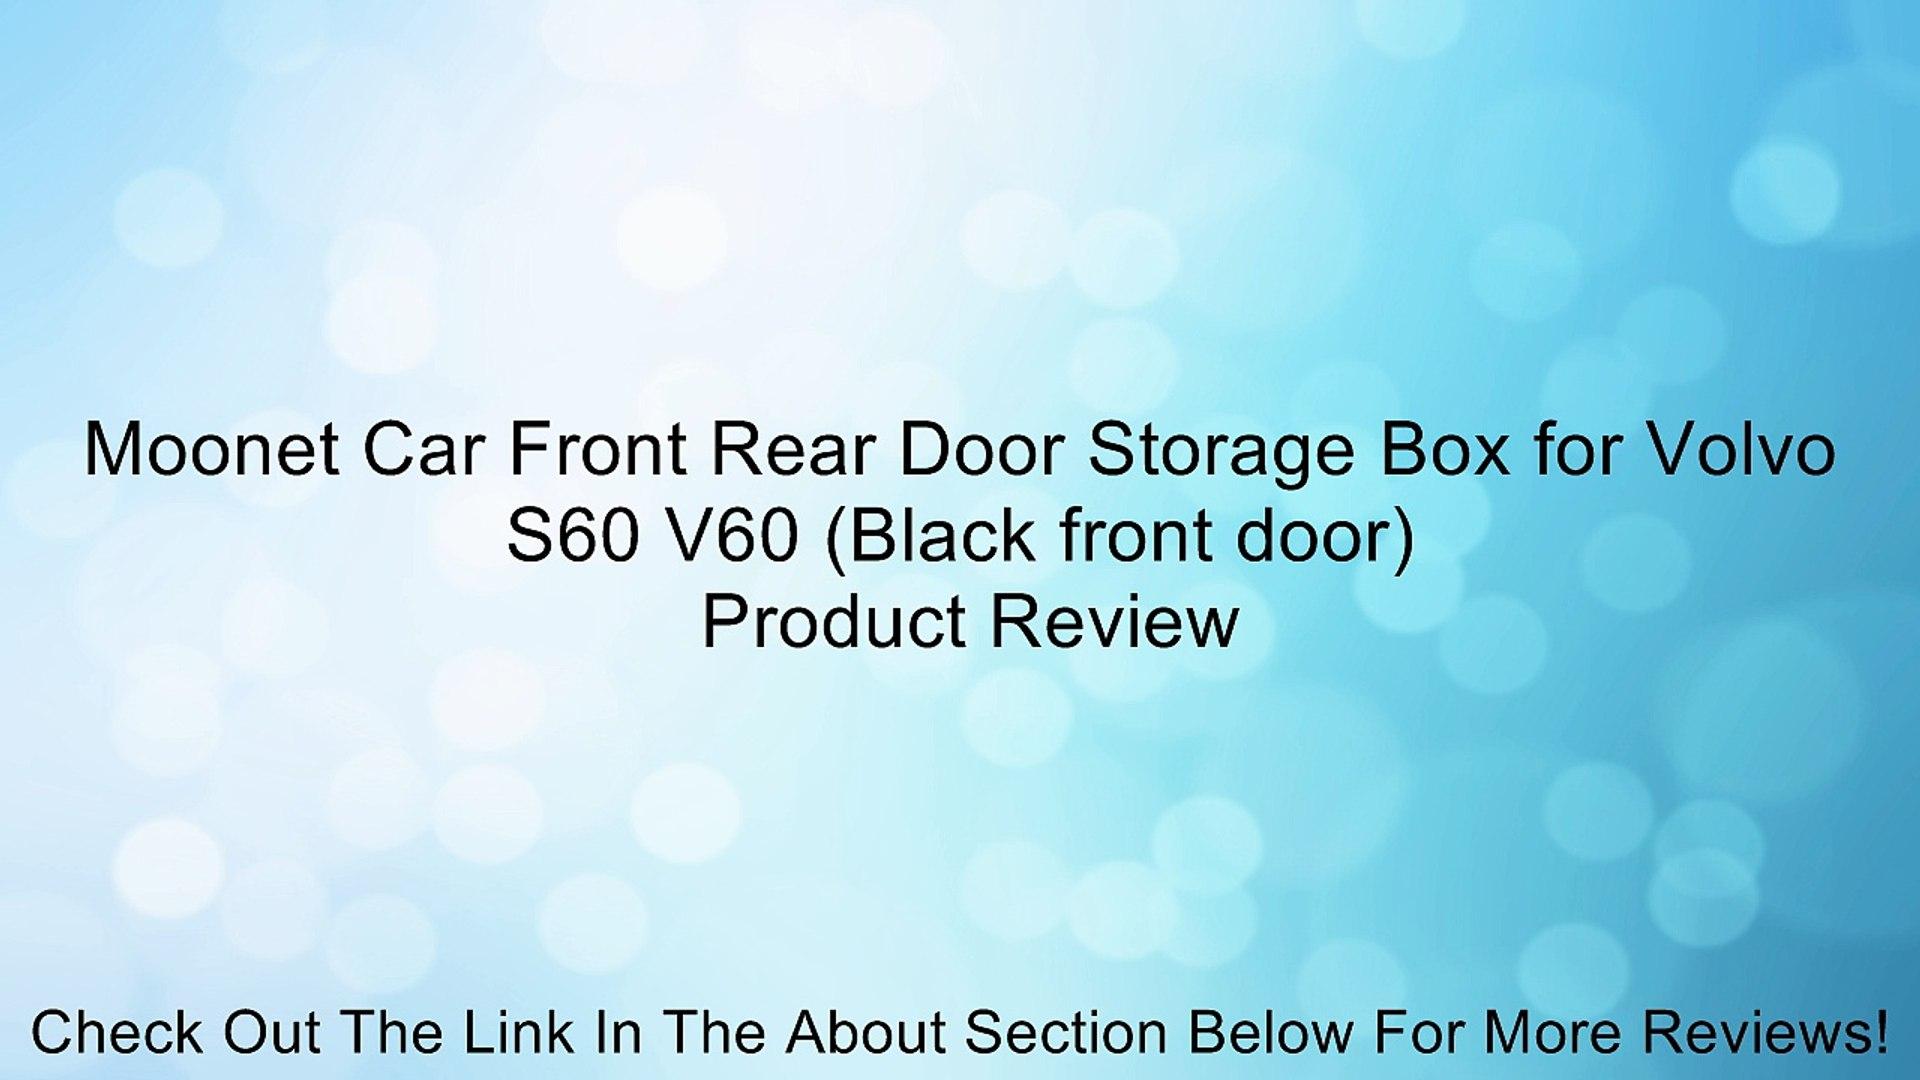 Moonet Car Front Rear Door Storage Box for Volvo S60 V60 (Black front door) Review